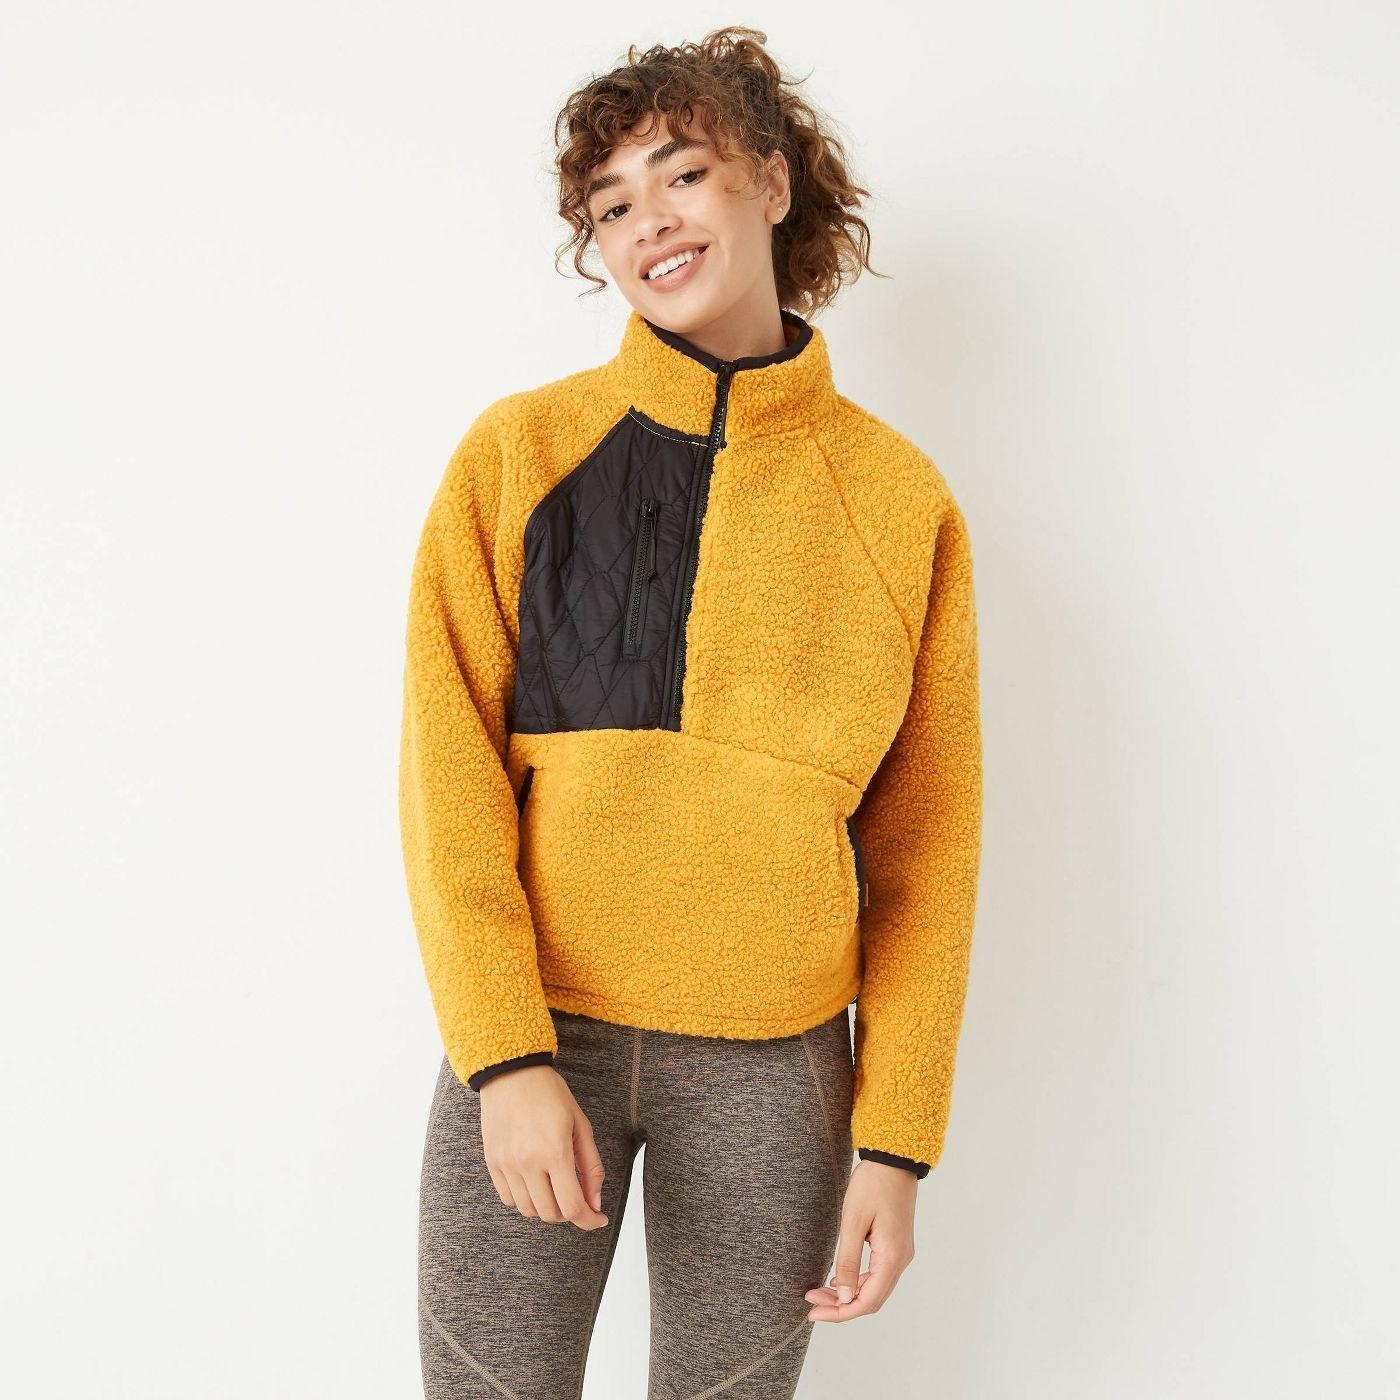 model wearing yellow and black fleece